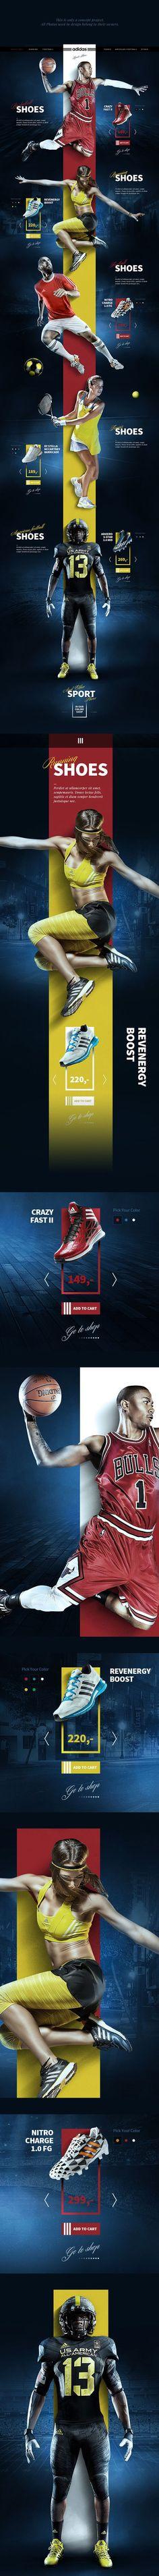 Sport Shoes Concept on Web Design Served Layout Design, Gfx Design, Web Ui Design, Web Layout, Email Design, Page Design, Design Art, Webdesign Inspiration, Website Design Inspiration